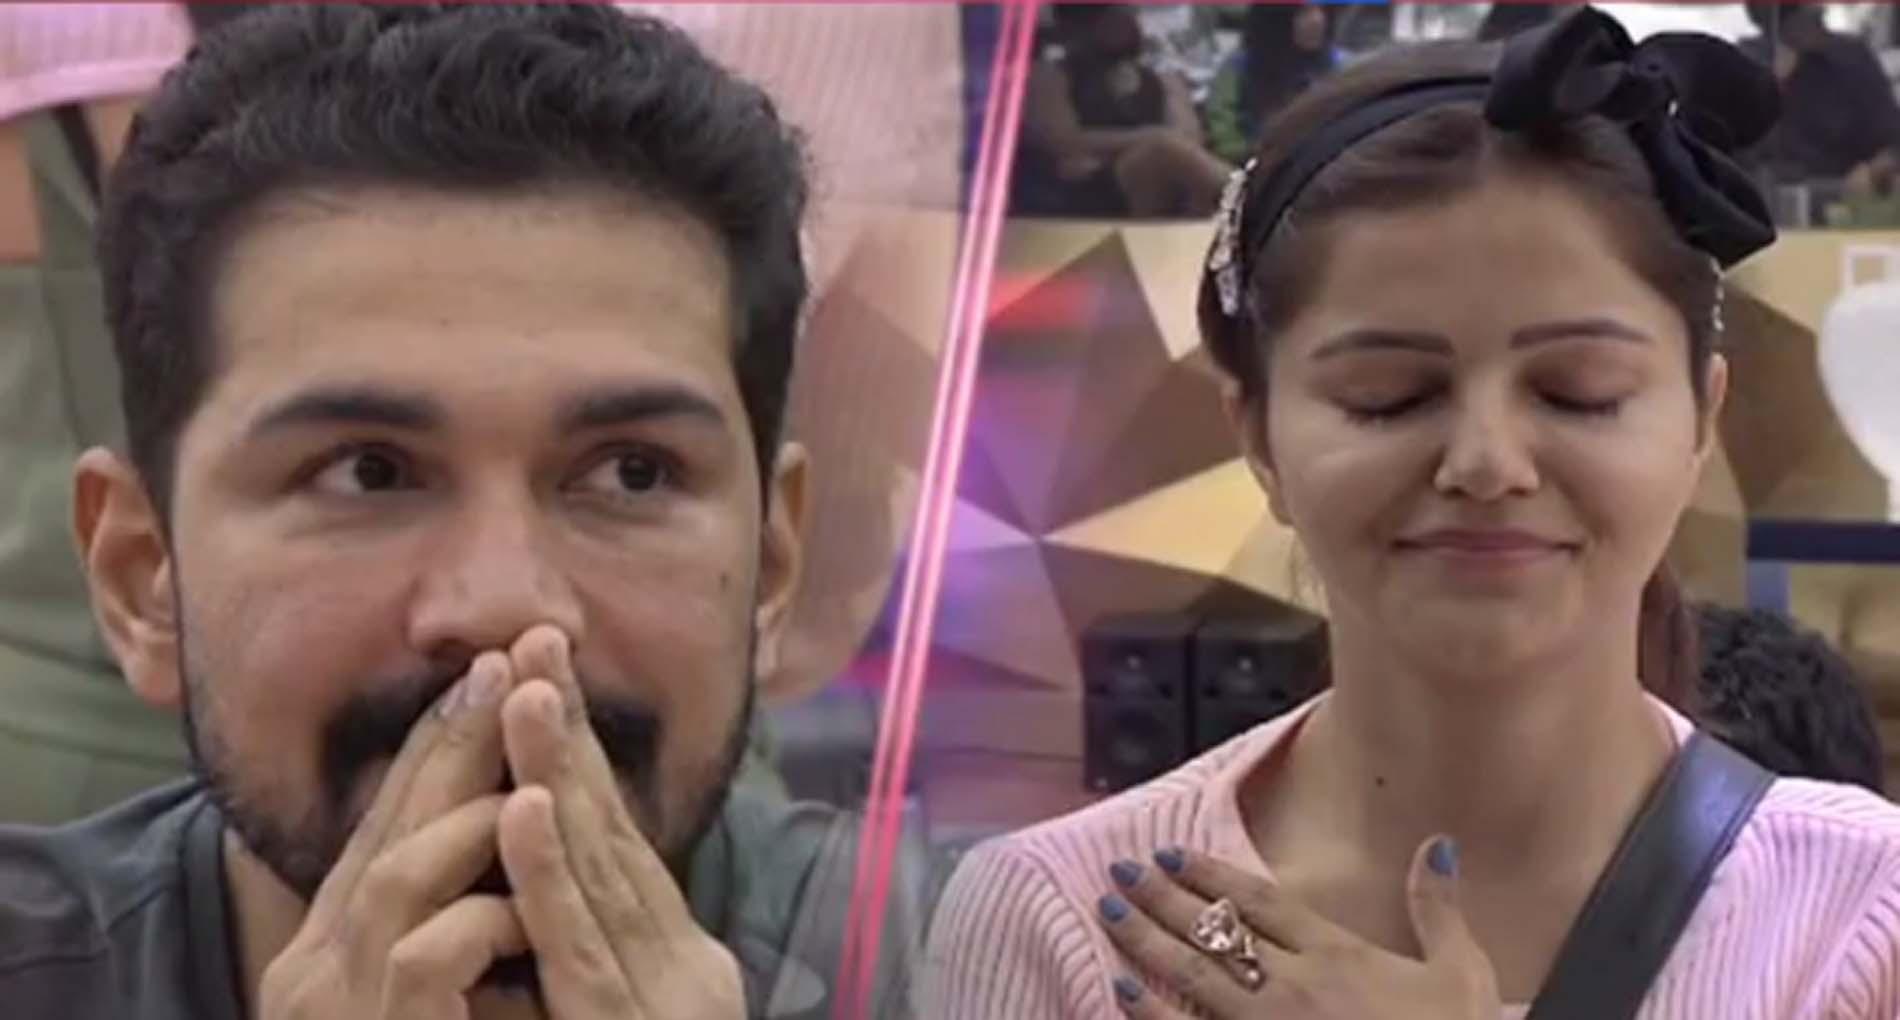 Bigg Boss 14: अभिनव शुक्ला पत्नी रुबीना के लिए नहीं छोड़ी इम्यूनिटी, प्यार के बीच आया गेम